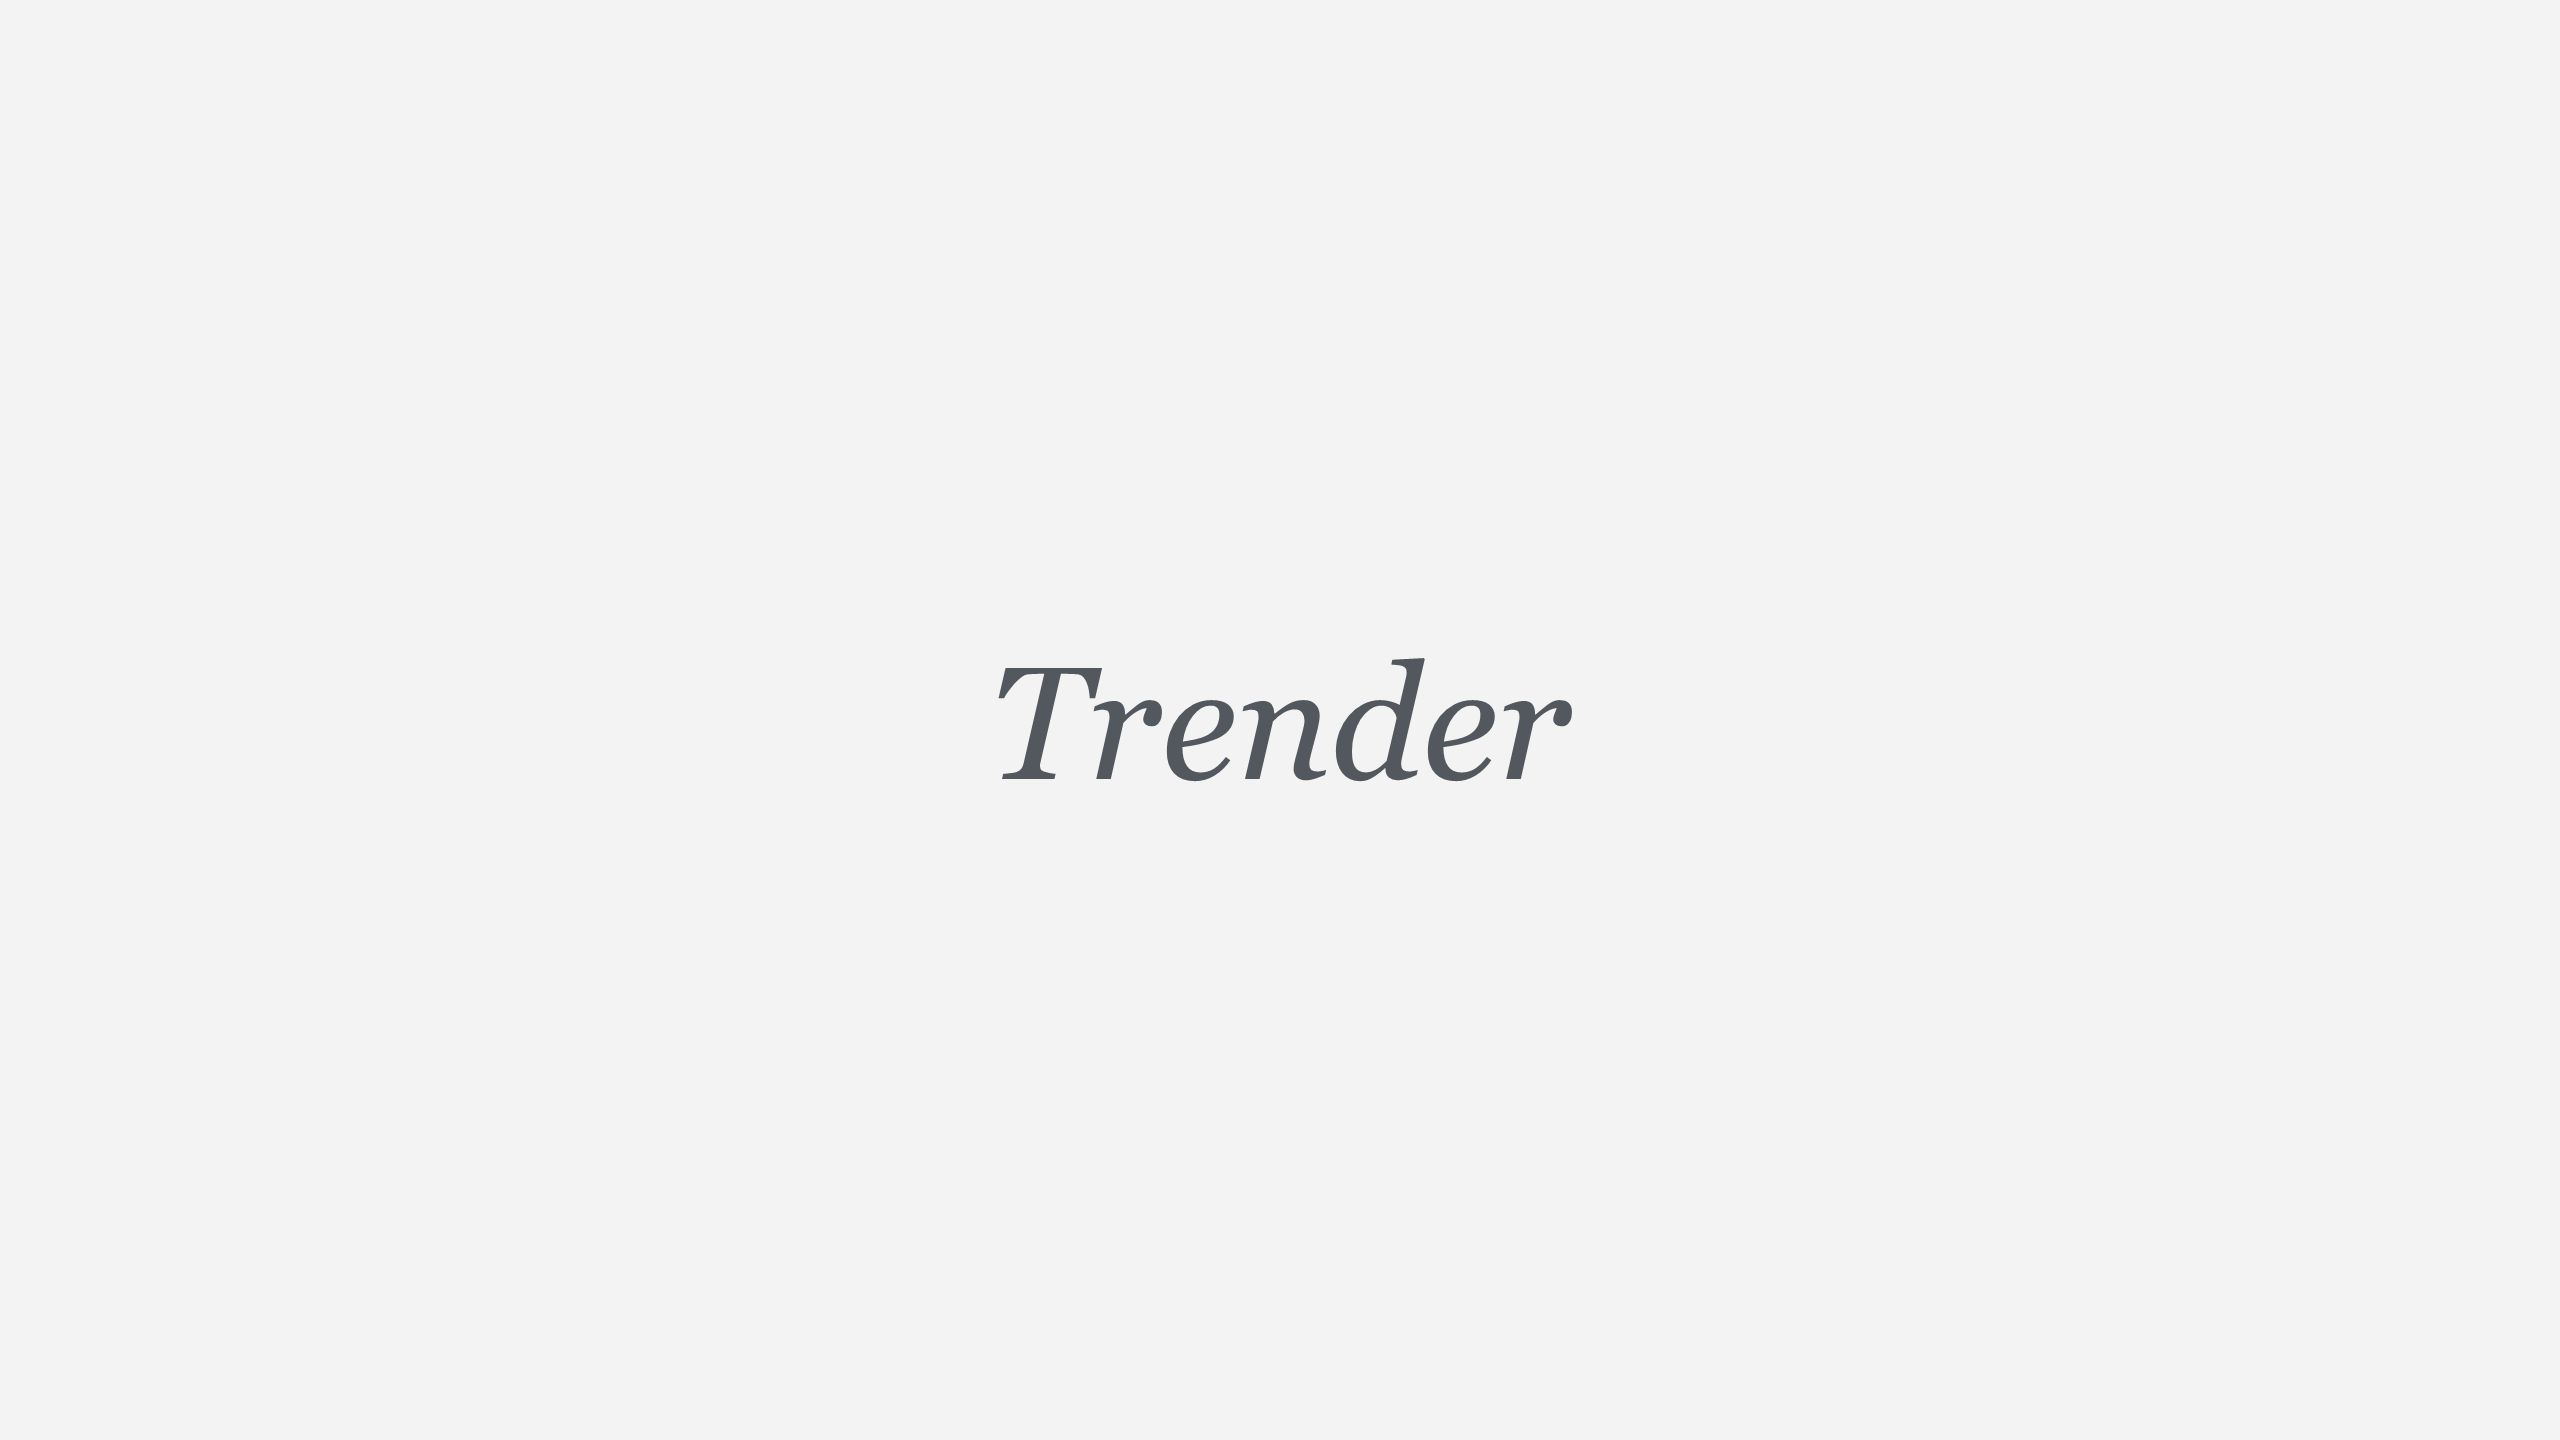 Trender